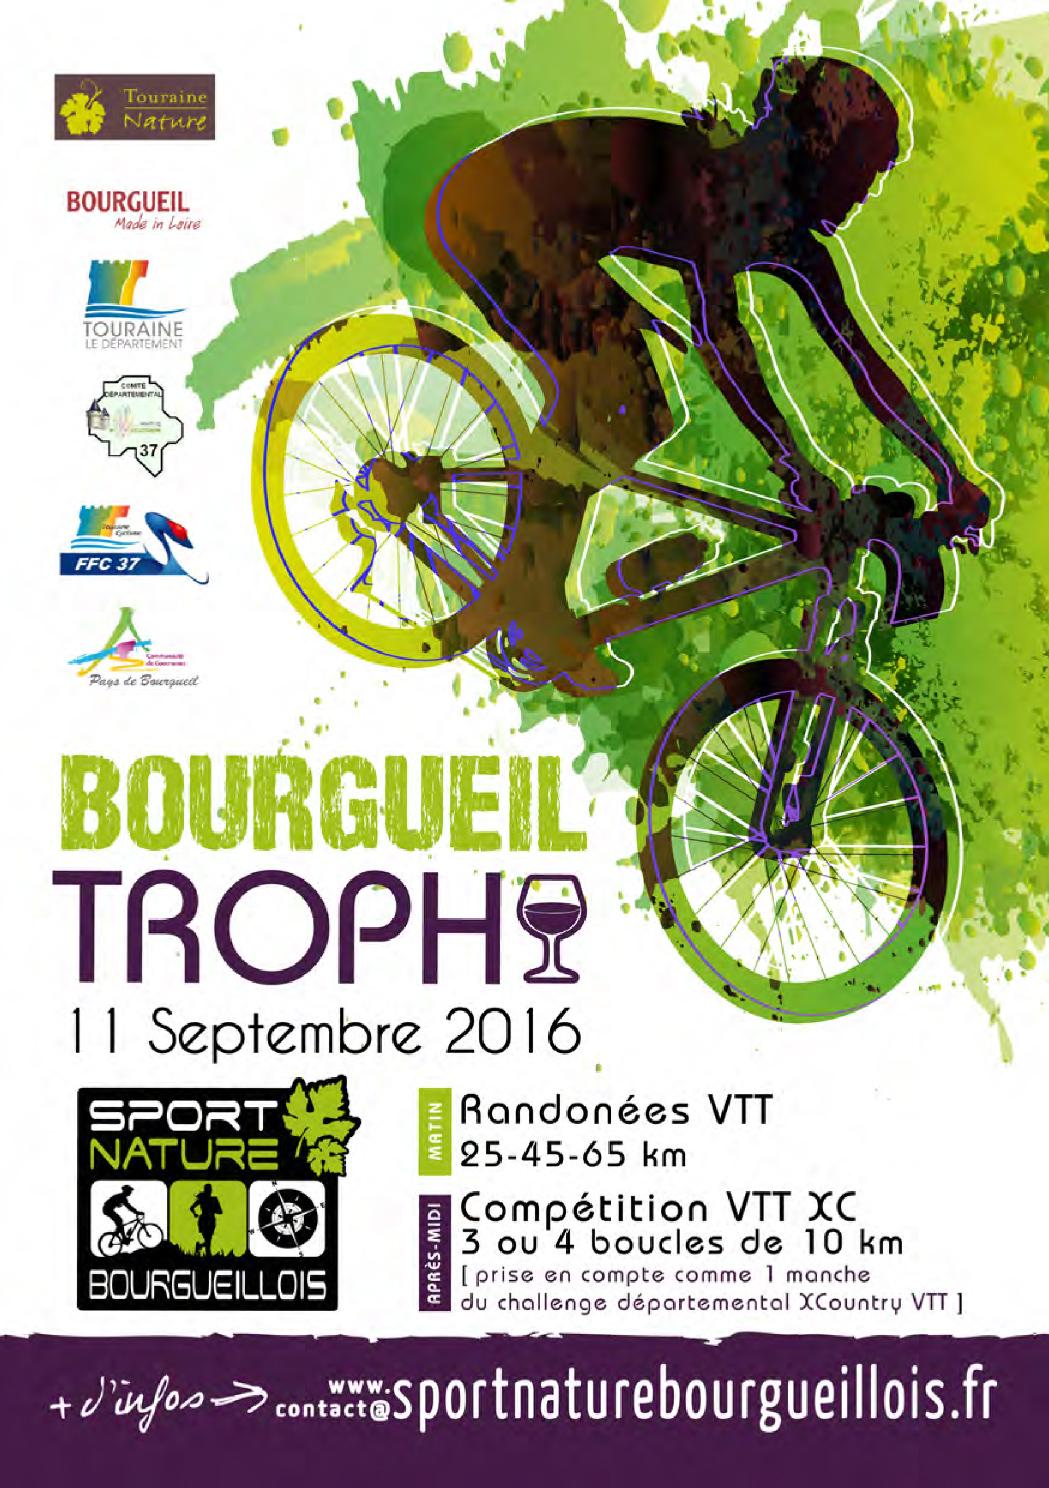 depliant-A5-bourgueil-trophy-2016-web-1